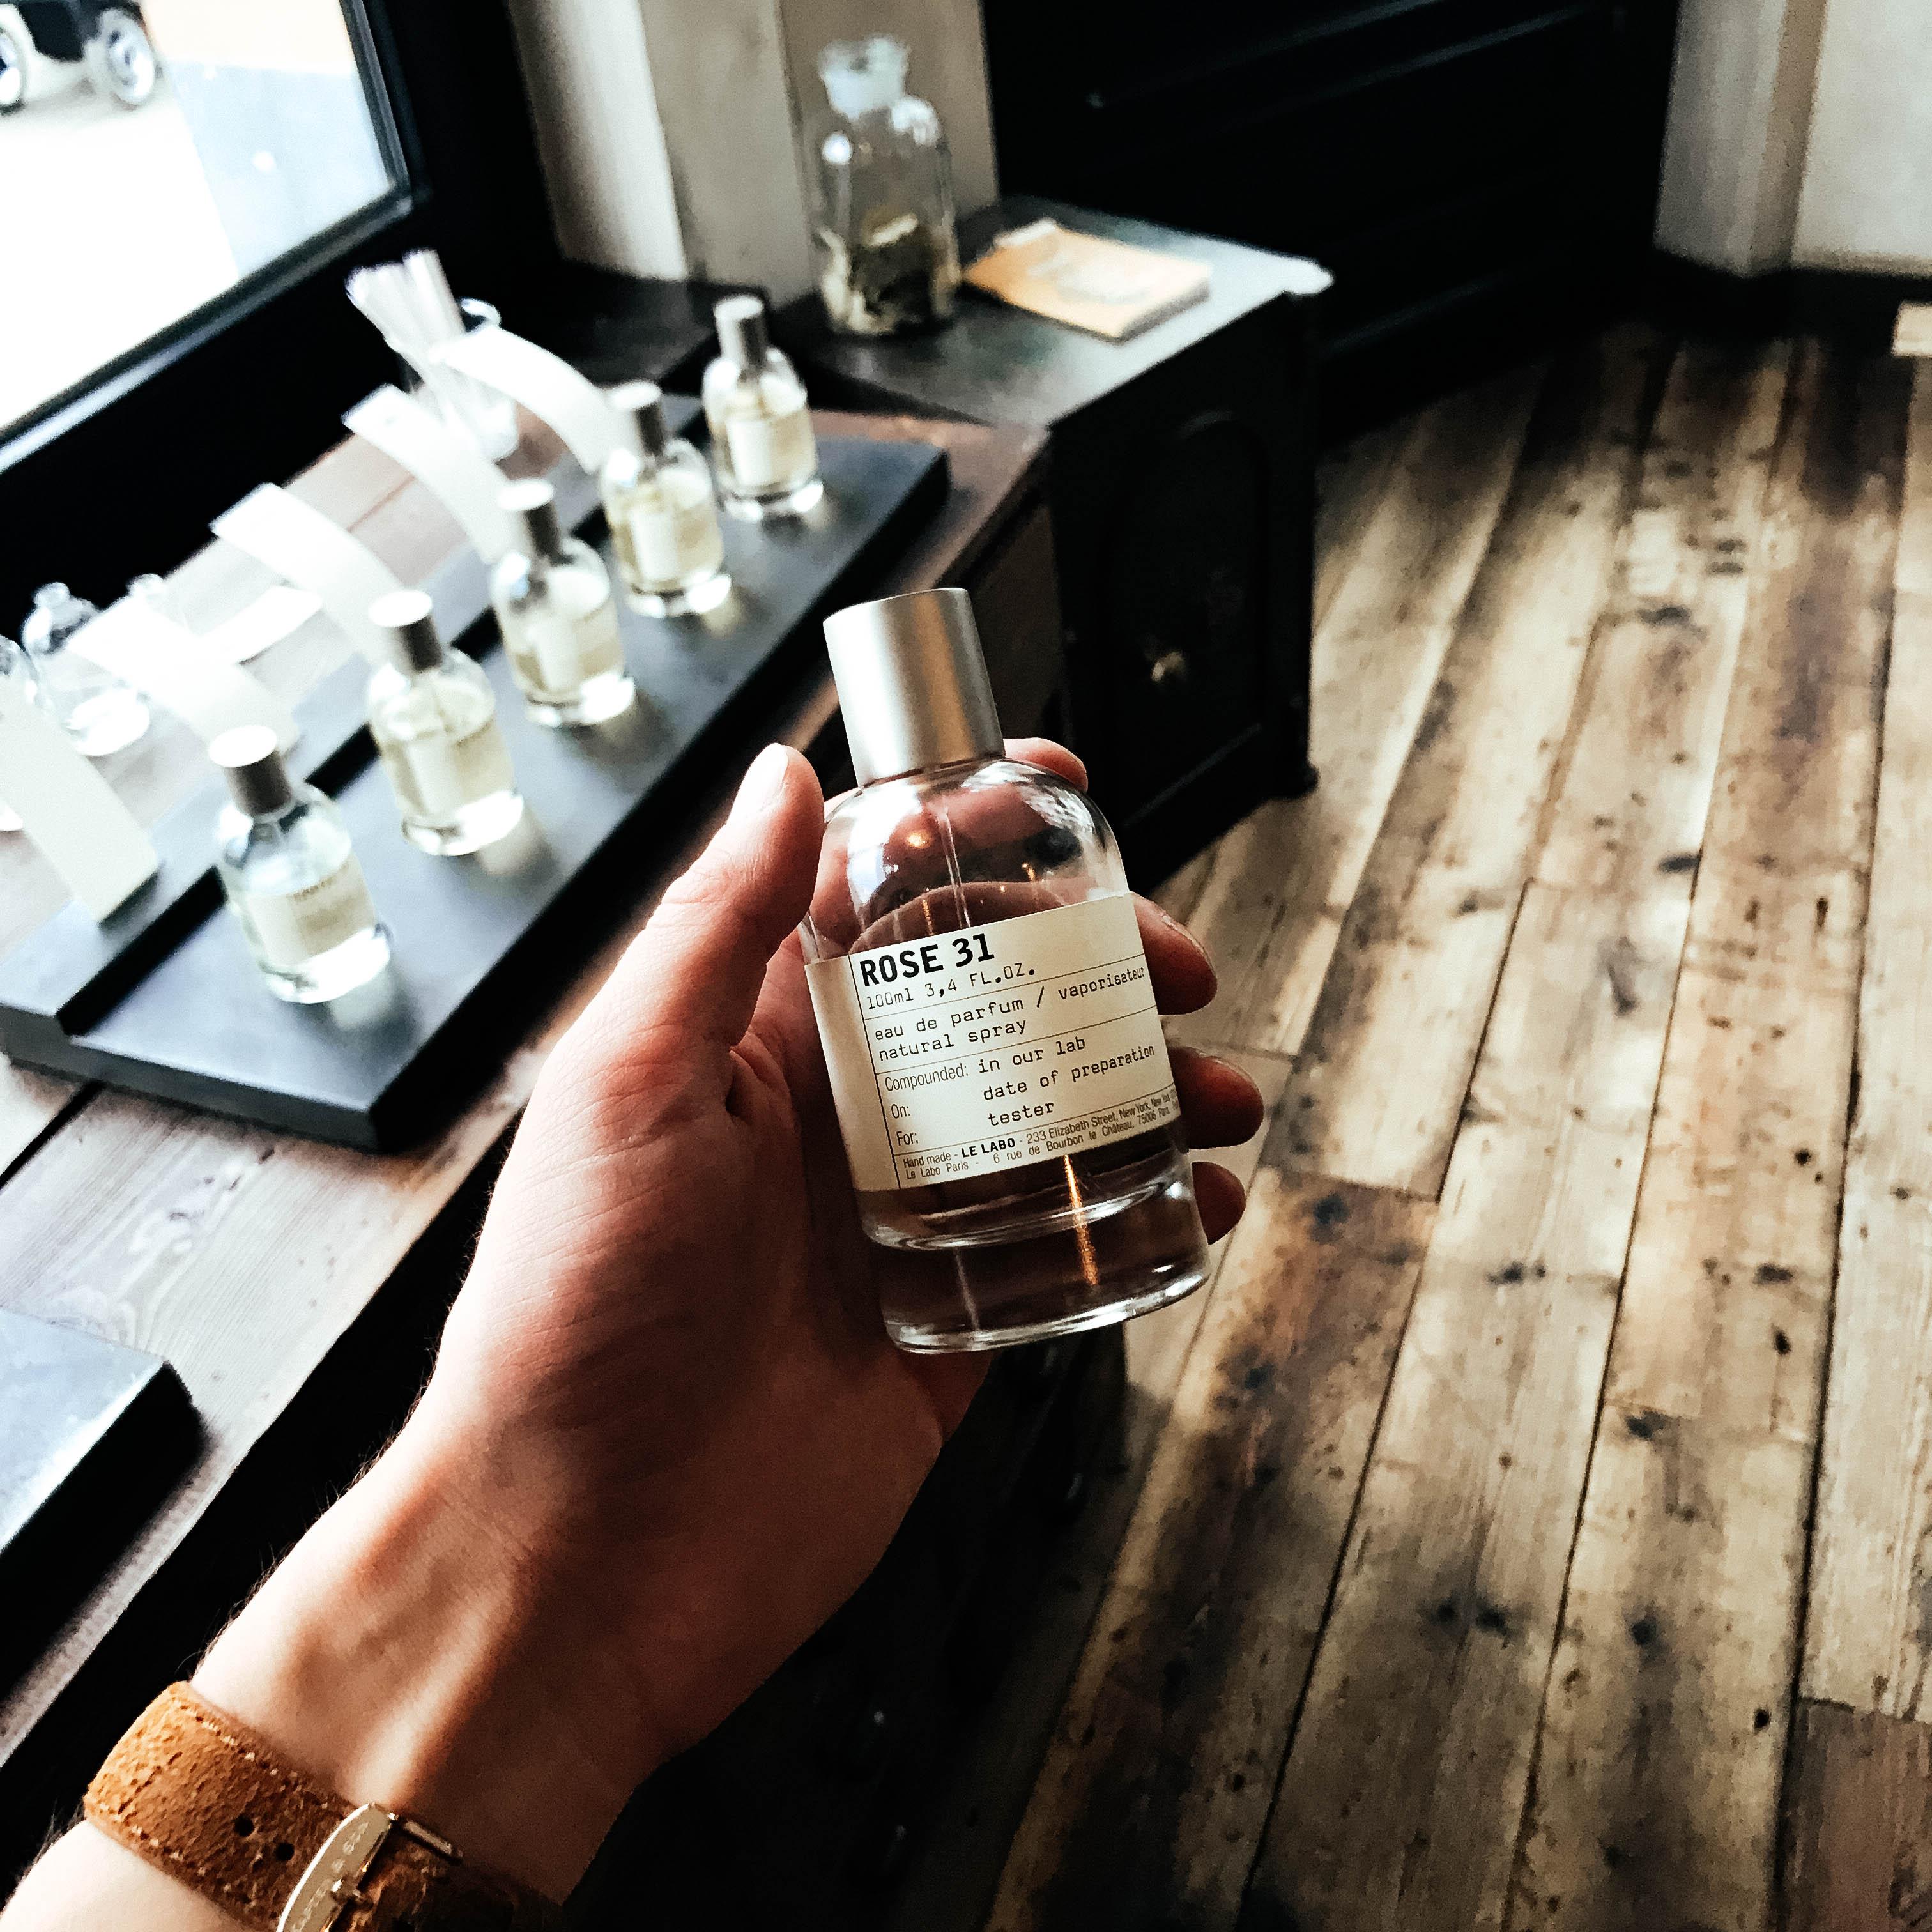 Le Labo và Byredo - 2 nhãn hiệu nước hoa đang được mệnh danh là nước hoa của các fashionista - Ảnh 14.